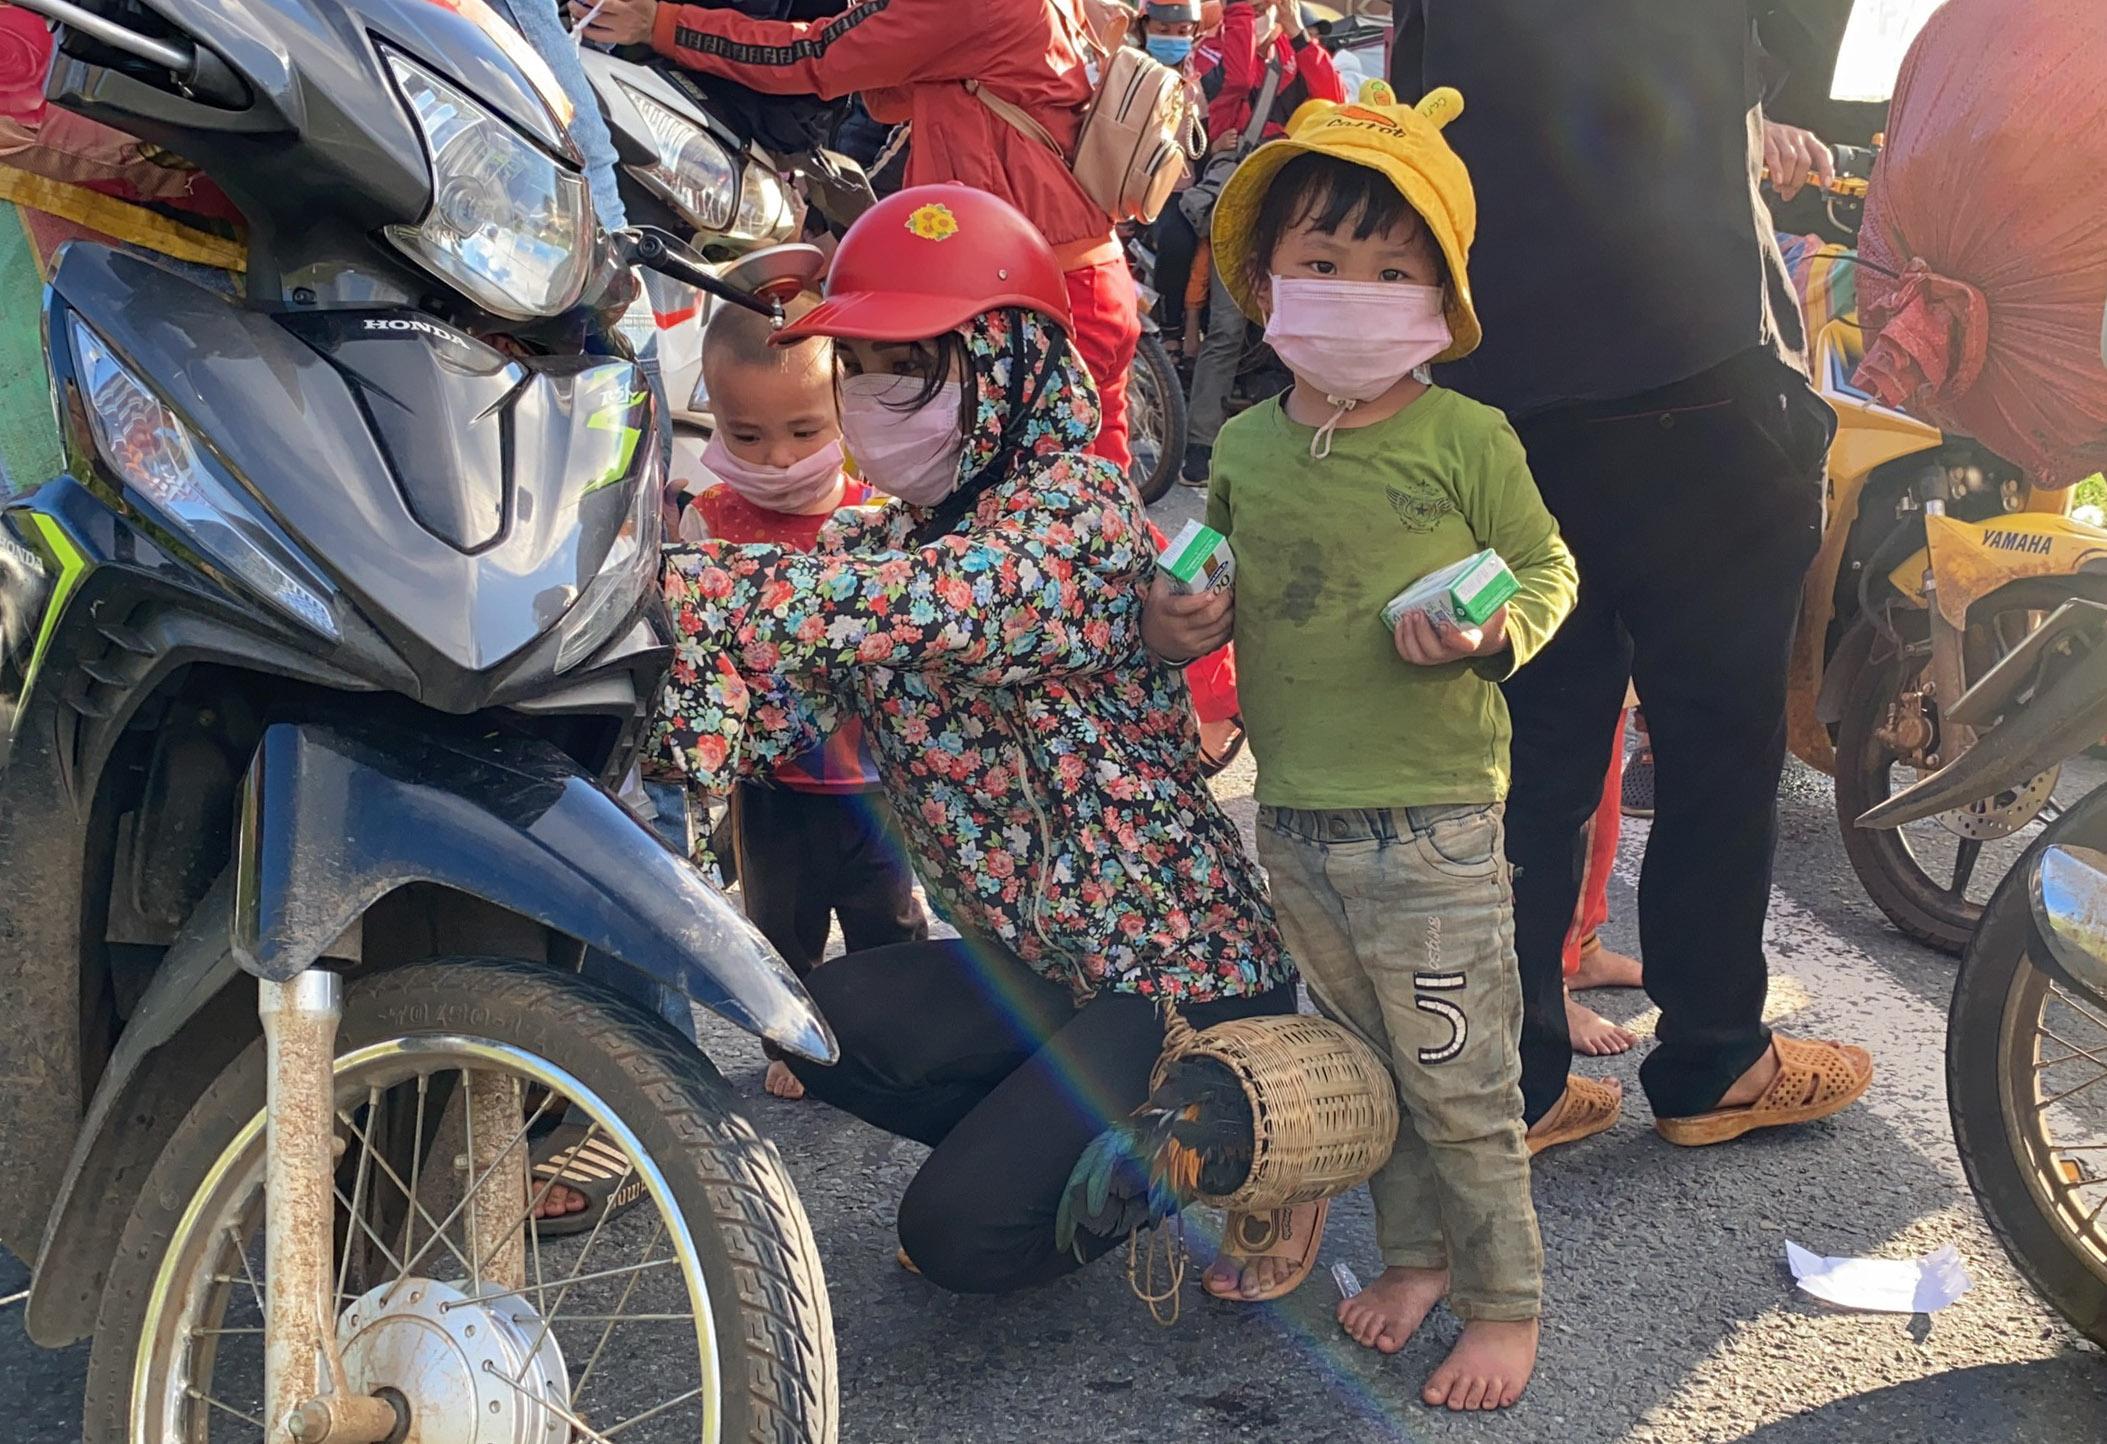 Rất nhiều em nhỏ theo ba mẹ trên hành trình hồi hương được nhóm của anh Phúc hỗ trợ sữa tươi. Ảnh: Phúc Vạn Phúc.